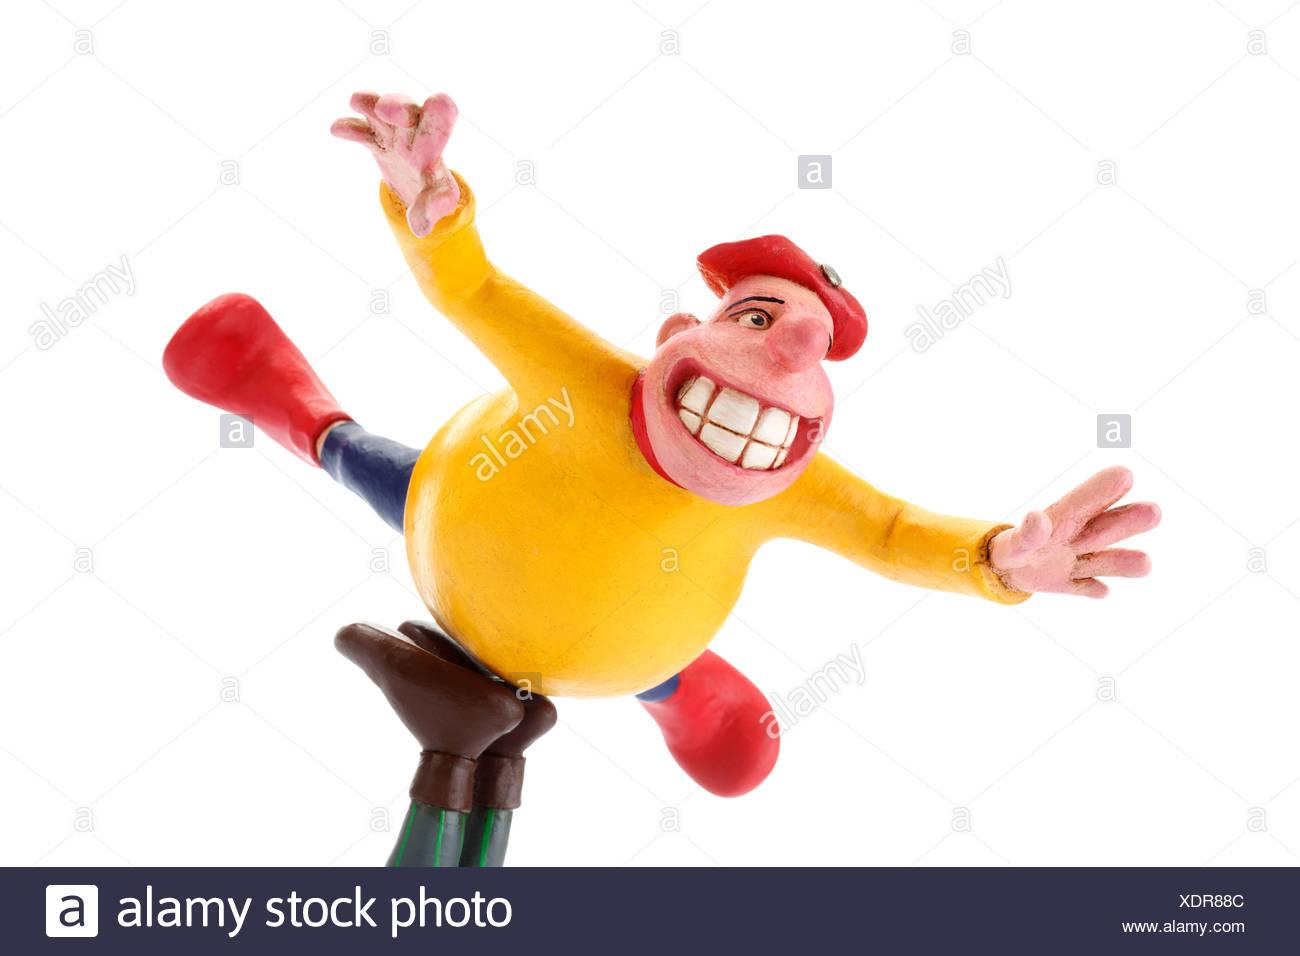 Fool uomo grasso in caduta libera personaggio dei cartoni